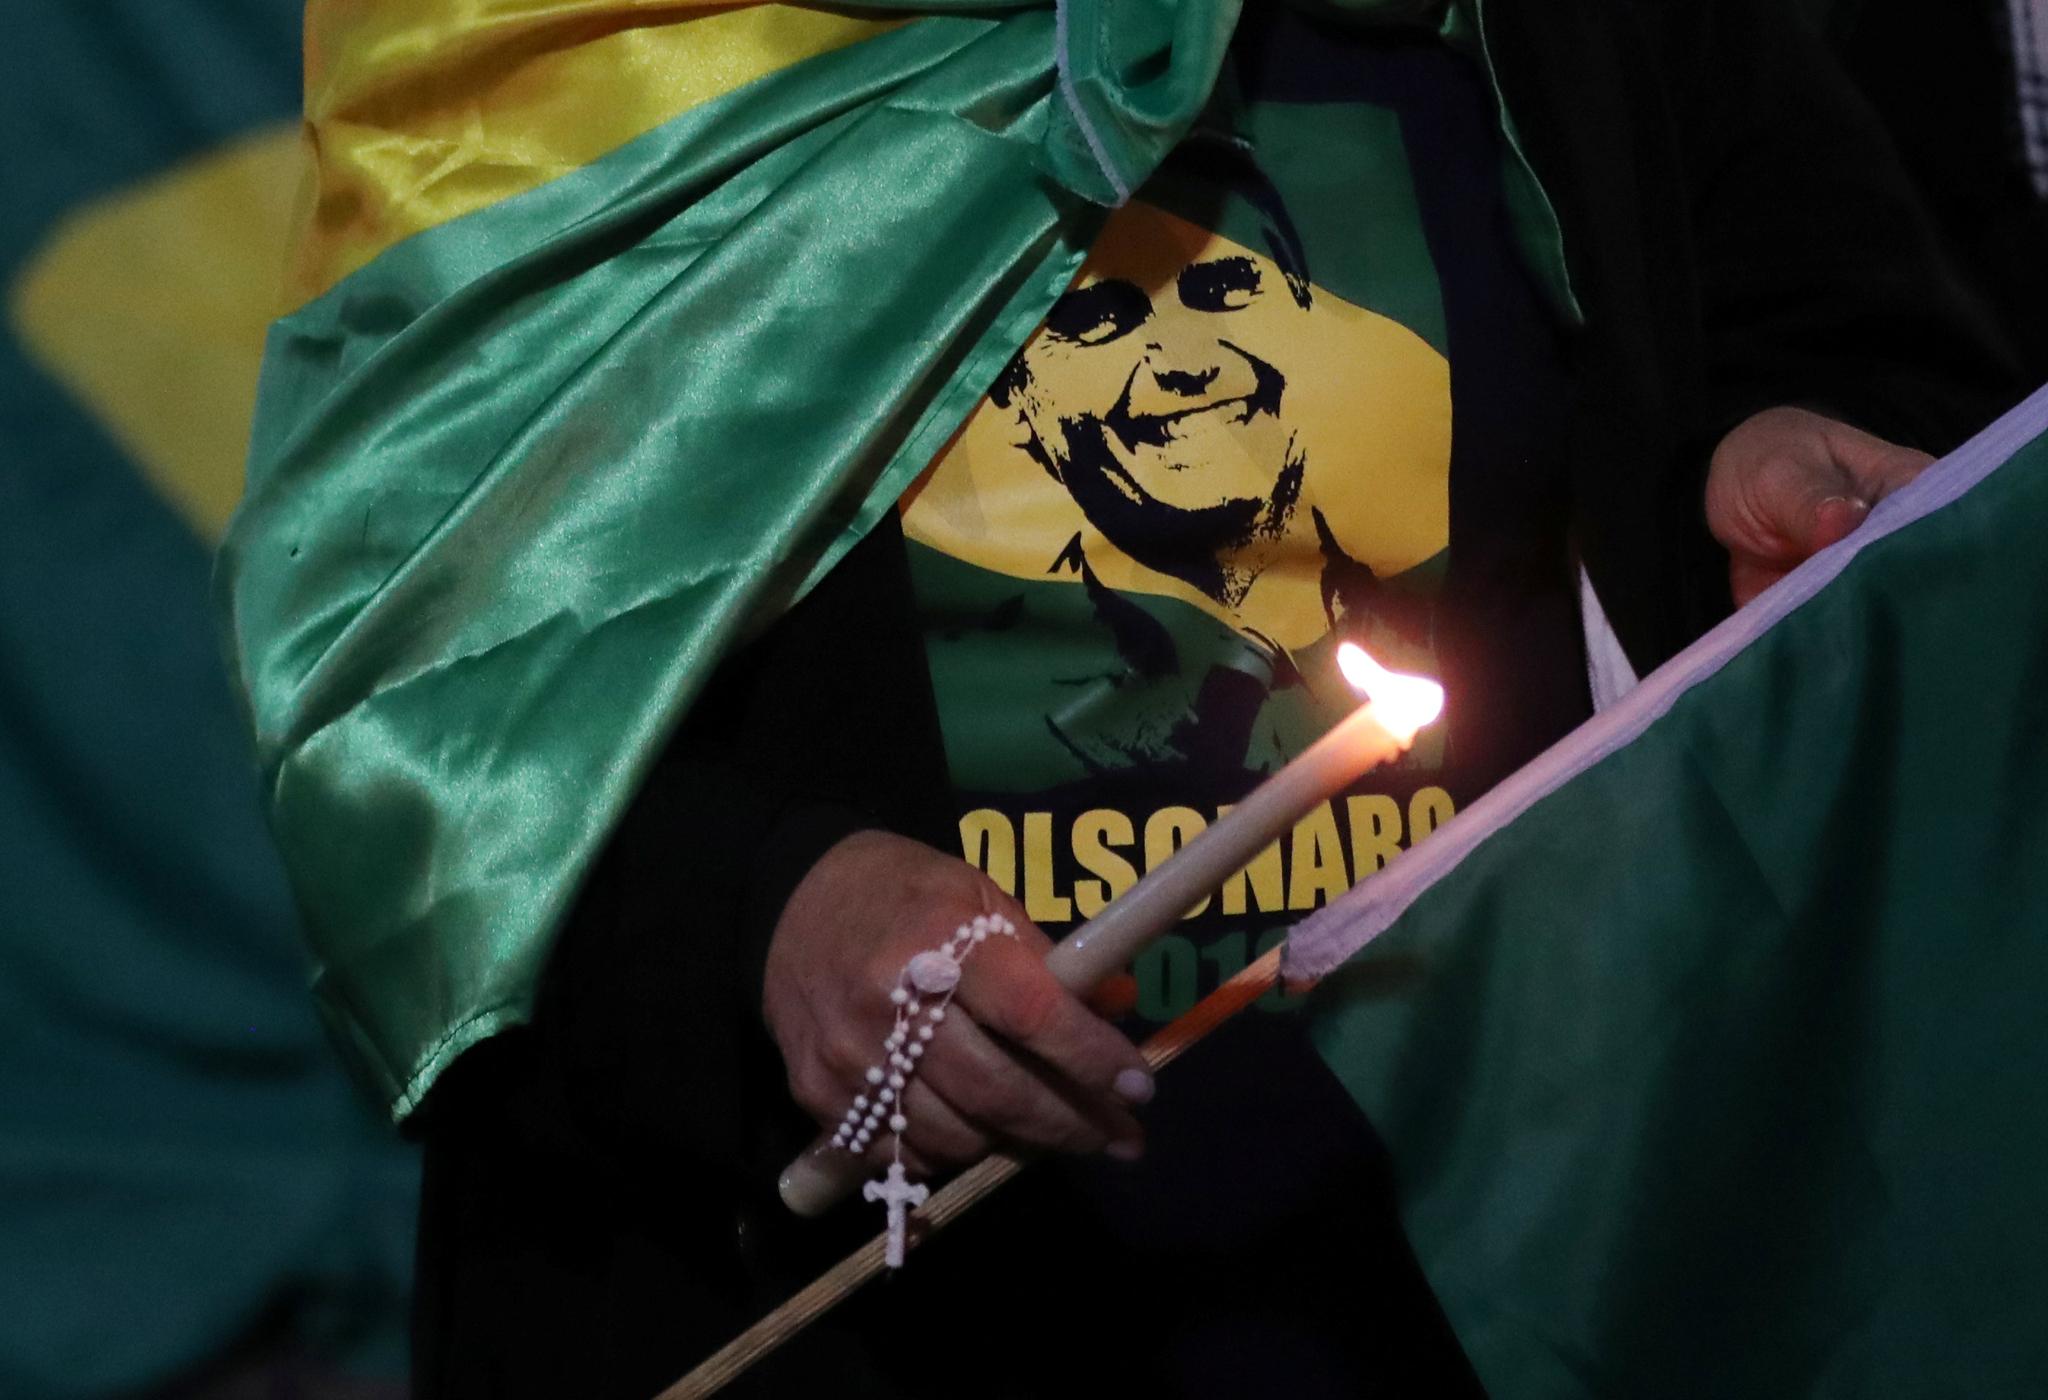 보우소나르 후보 지지자가 6일(현지시간) 브라질 상파울로 파울이스타 거리에서 촛불을 밝히고 있다. [로이터=연합뉴스]